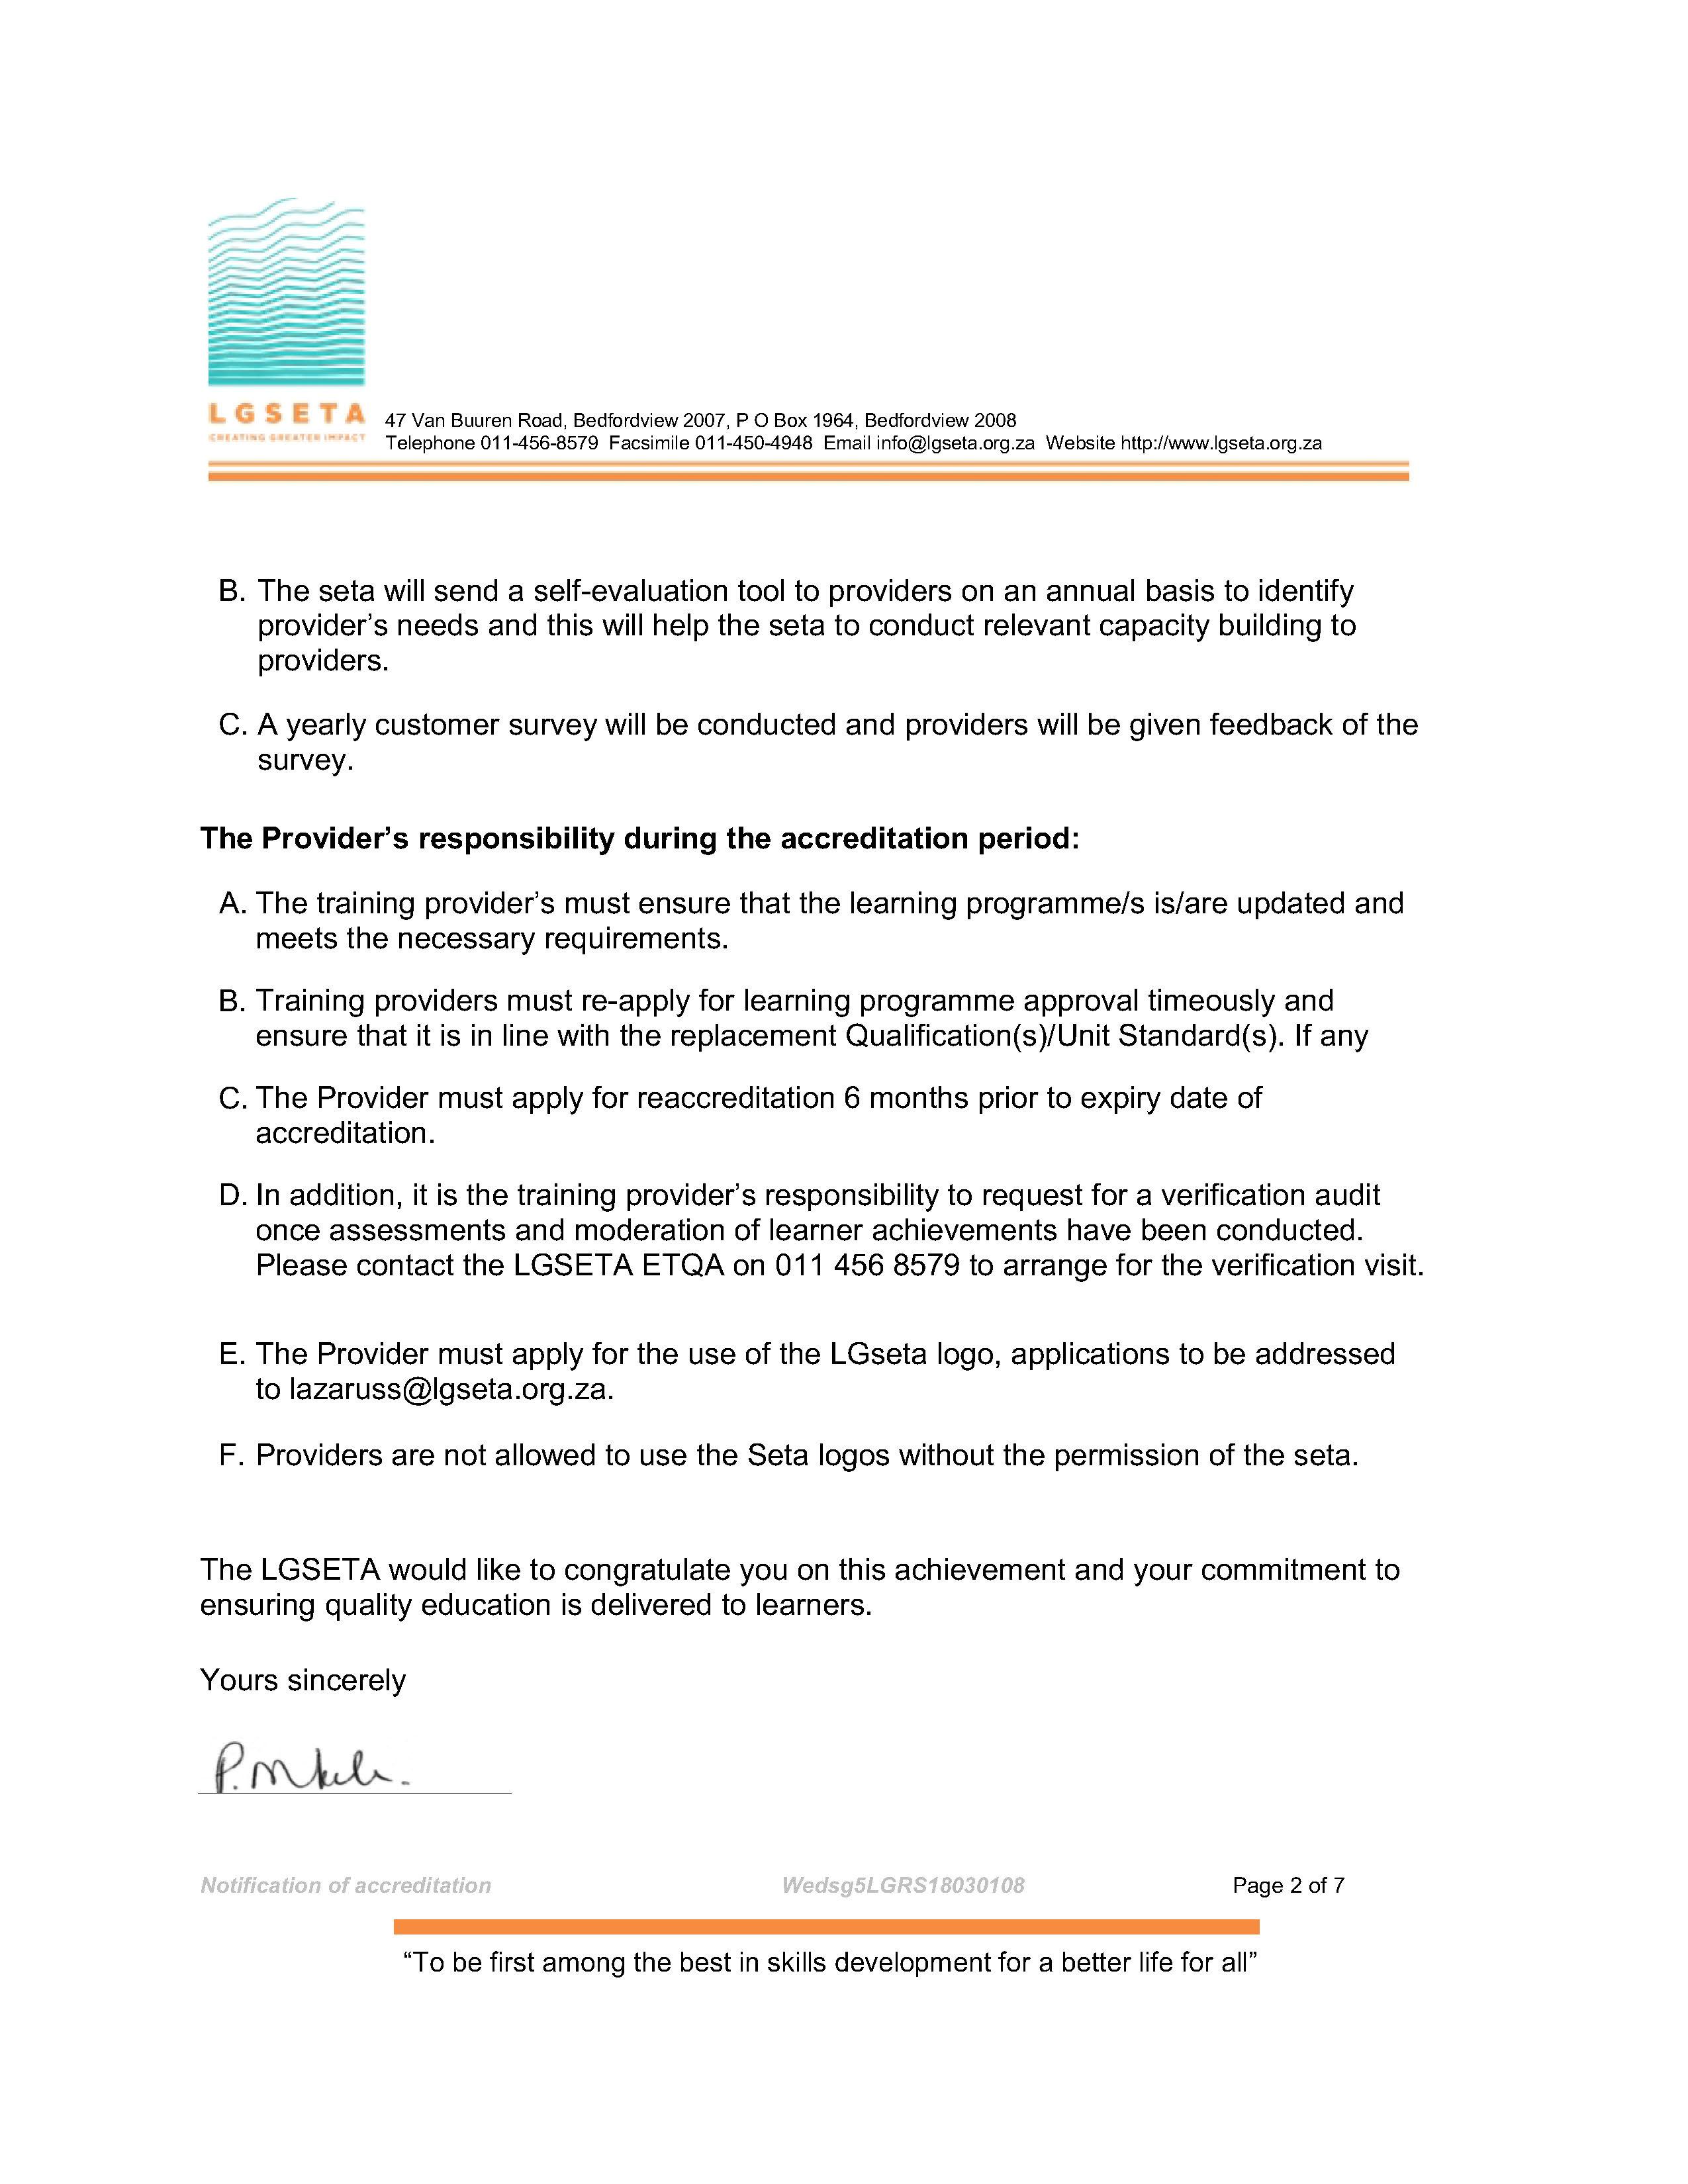 LGSETA ACCREDITATION 11 MAY 2021_Page_2